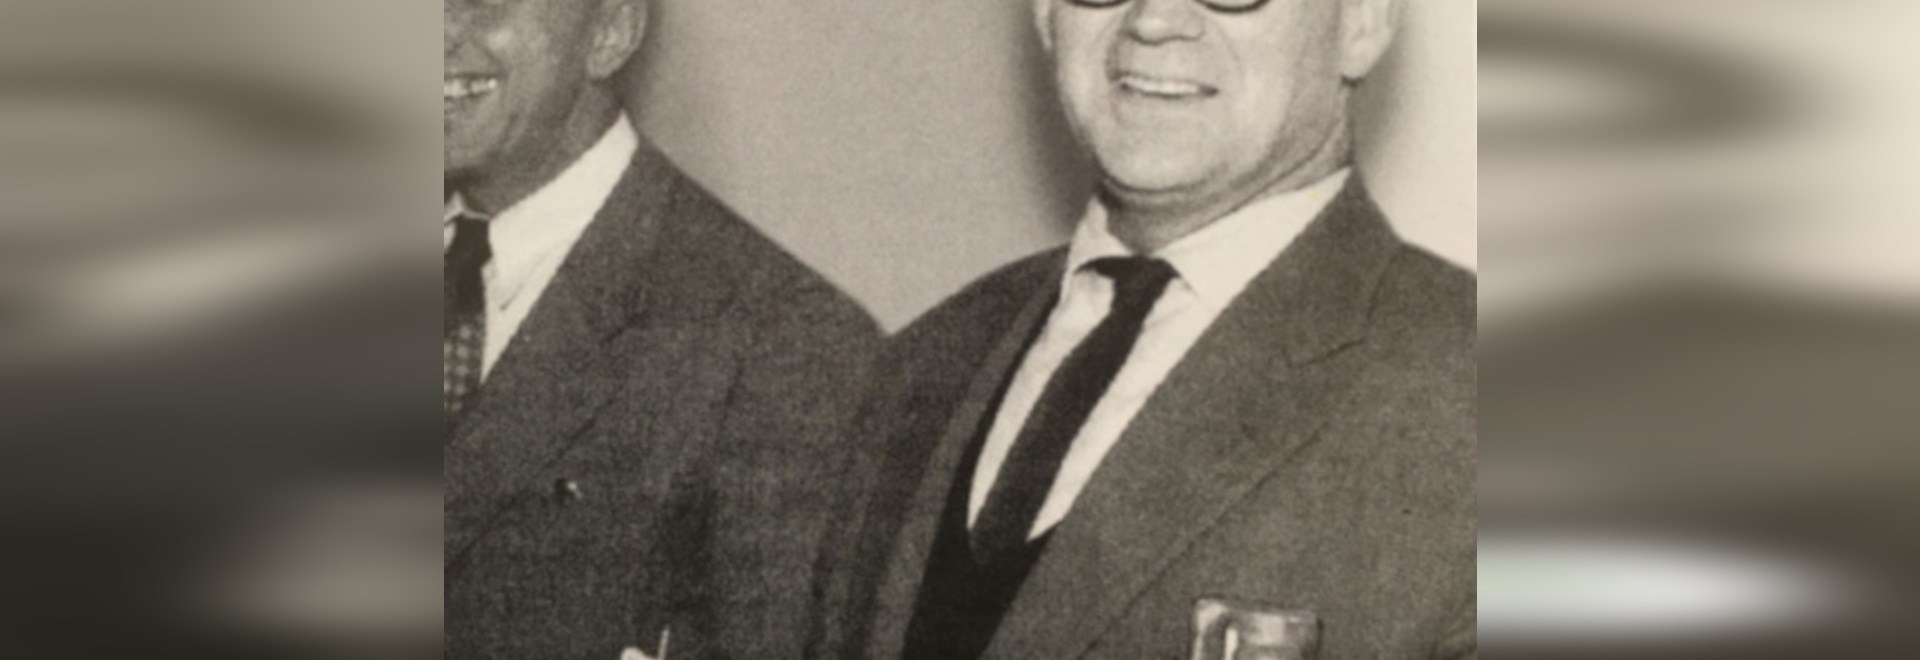 L'architecte et élève du Bauhaus Herbert Hirche (1910-2002) a marqué non seulement l'évolution des produits de Wilkhahn dans les années cinquante et soixante, mais aussi le campus Wilkhahn avec le ...